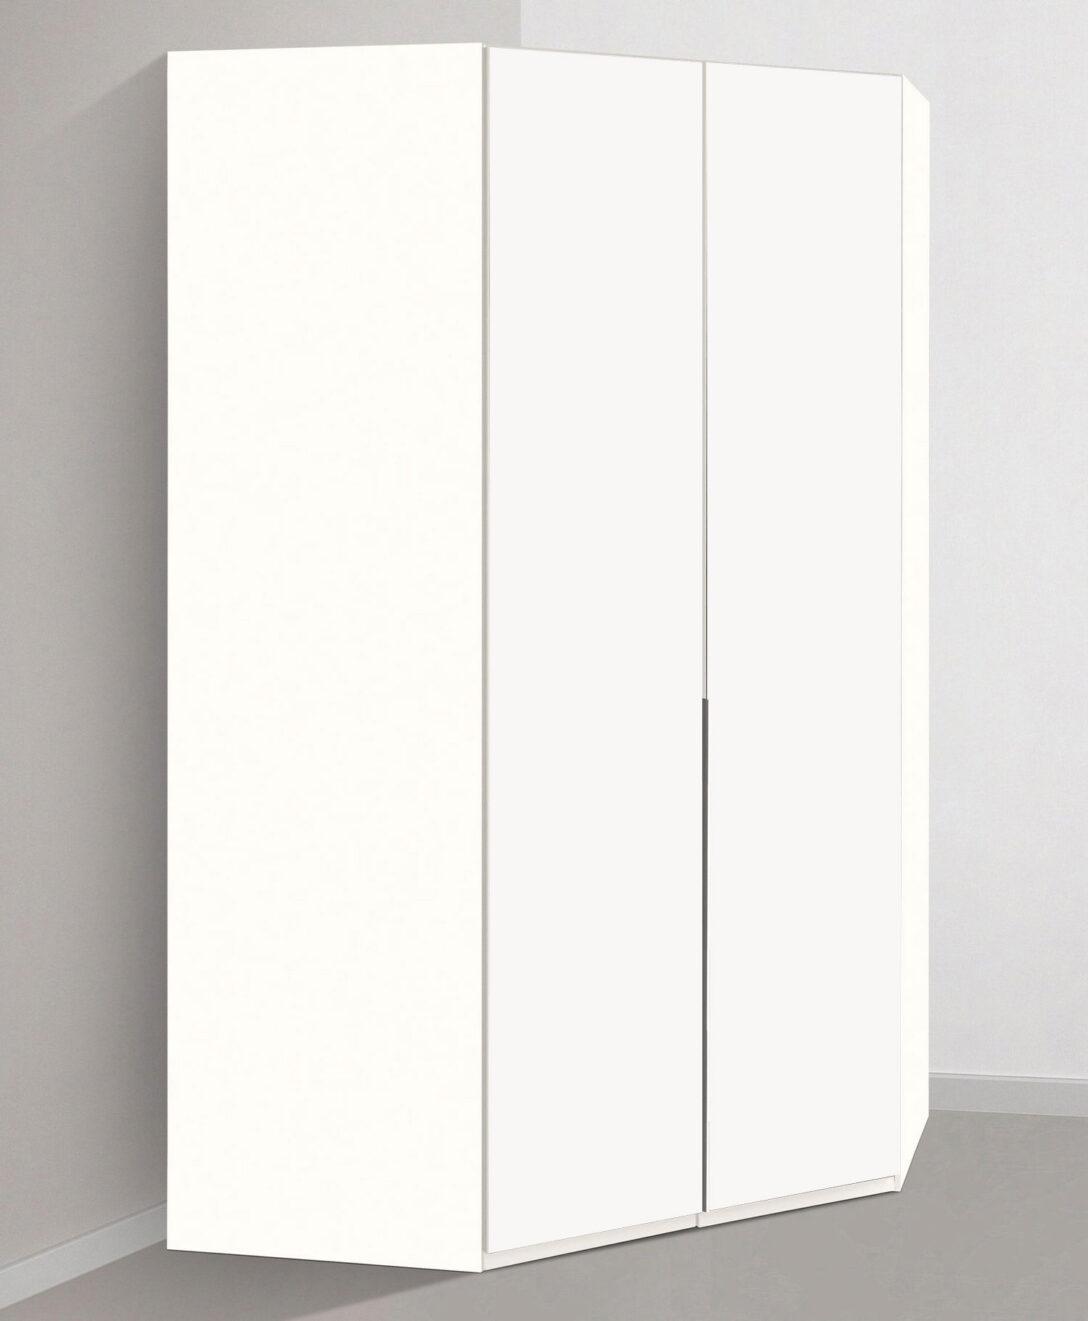 Large Size of Eckschrank Weiß Kleiderschrank Schrank New York 120x120cm Wei 14676 Bett 140x200 Weiße Betten Mit Schubladen Küche Weißes Schlafzimmer Regal 120x200 Regale Wohnzimmer Eckschrank Weiß